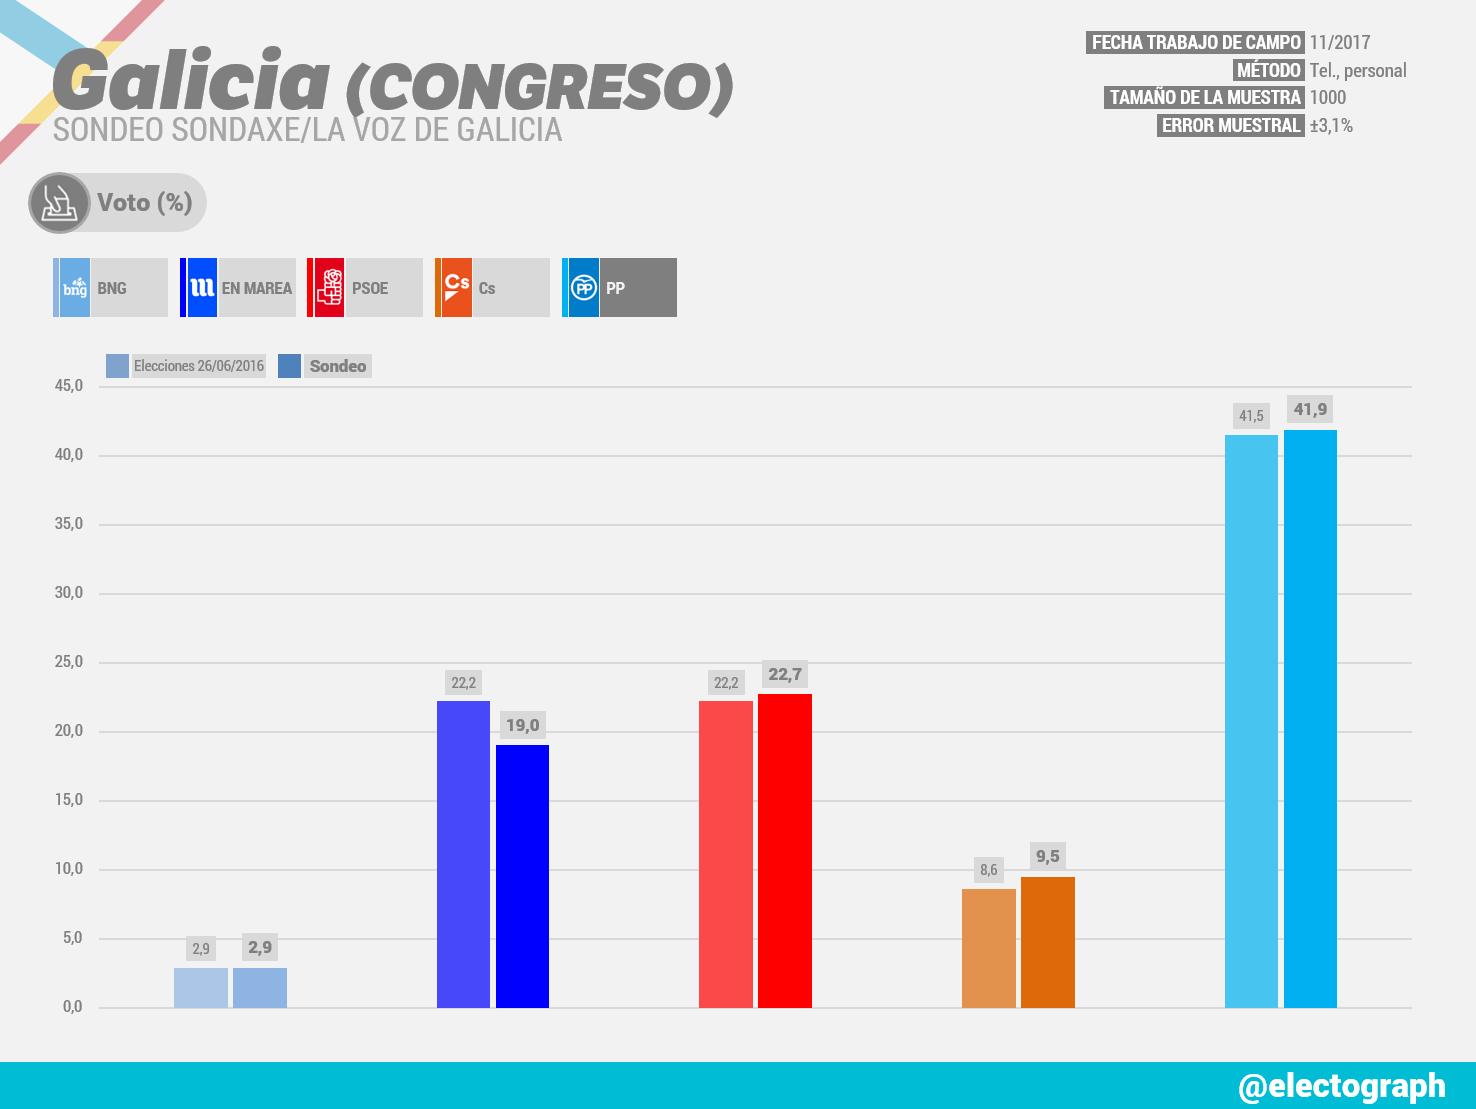 Gráfico de la encuesta para elecciones generales en Galicia realizada por Sondaxe para La Voz de Galicia en noviembre de 2017